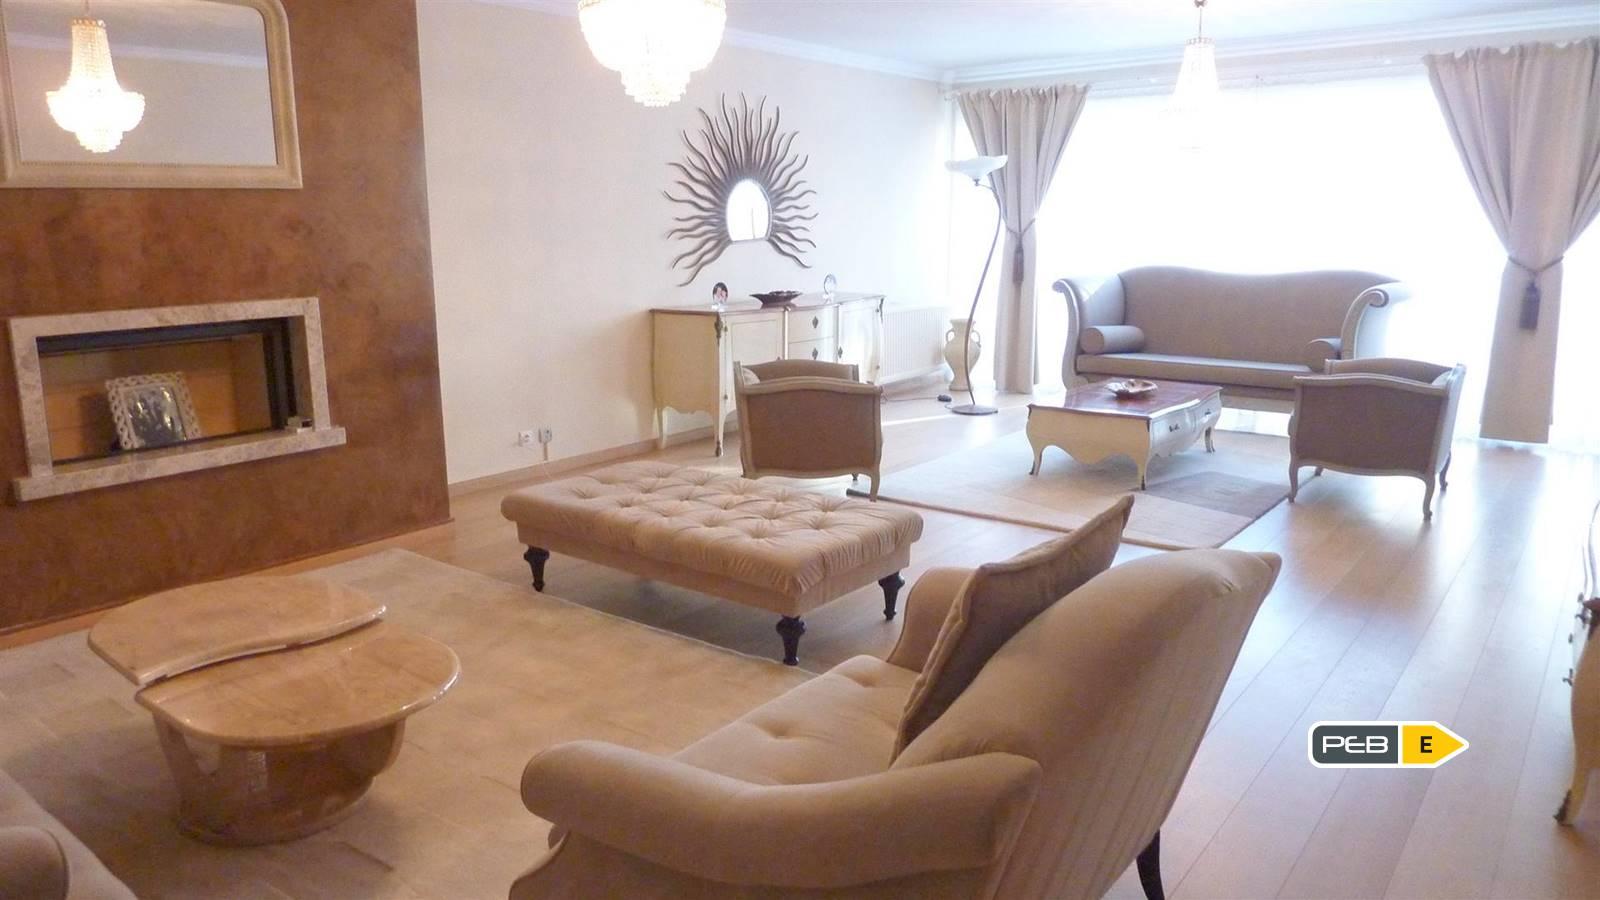 Lumineux appartement de 158 m² au centre de Braine-L'Alleud